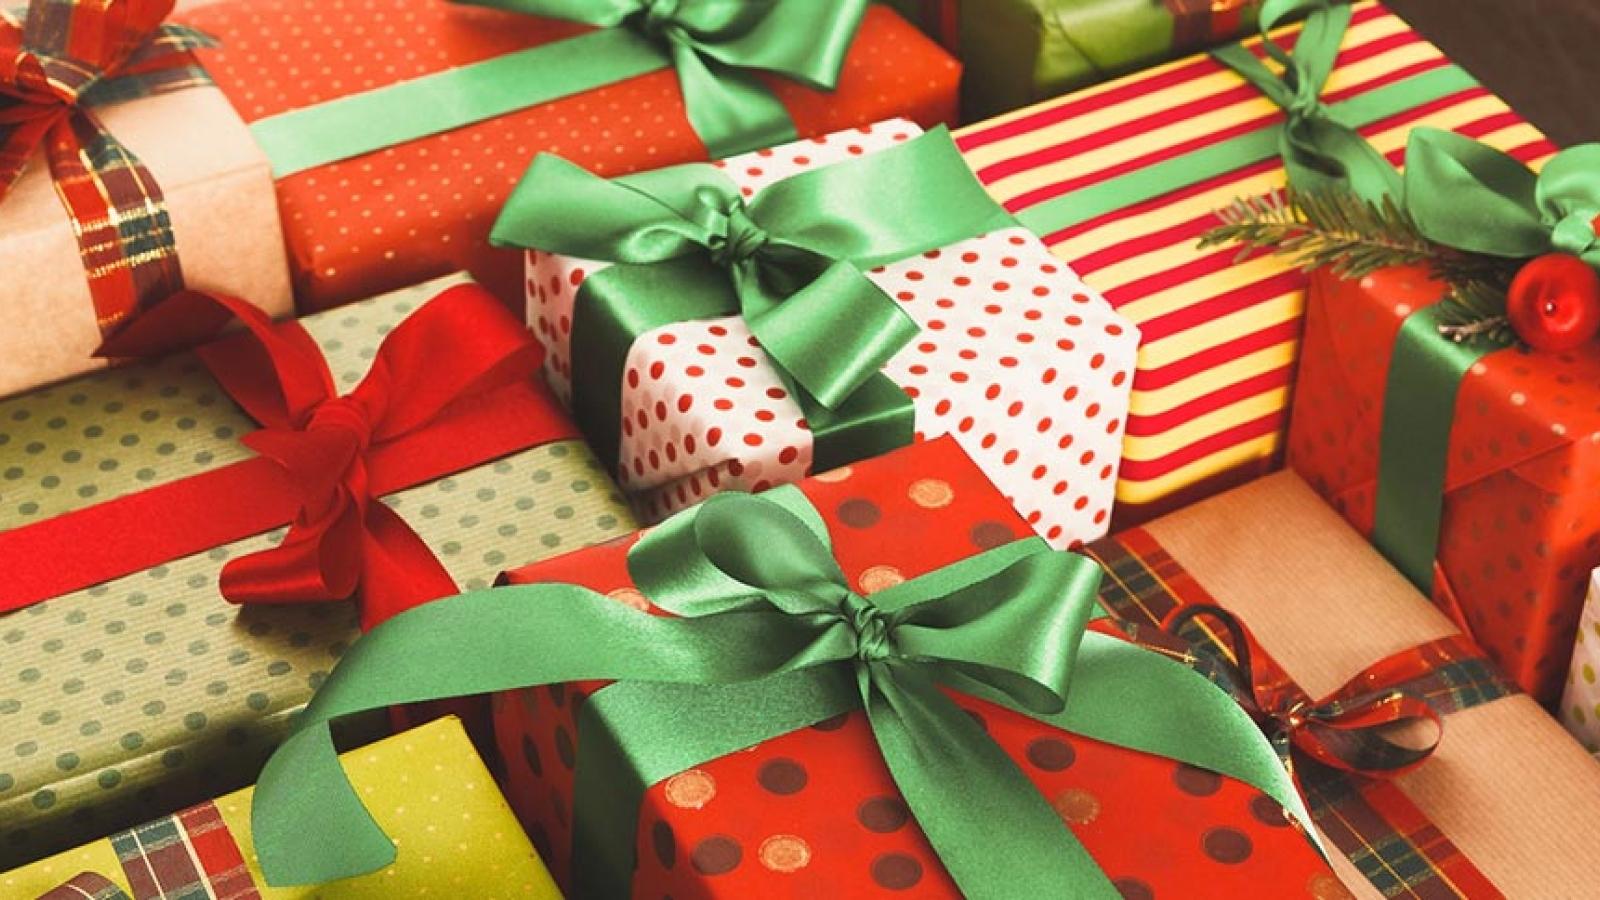 Nên tặng quà gì cho chàng vào ngày lễ Giáng sinh?